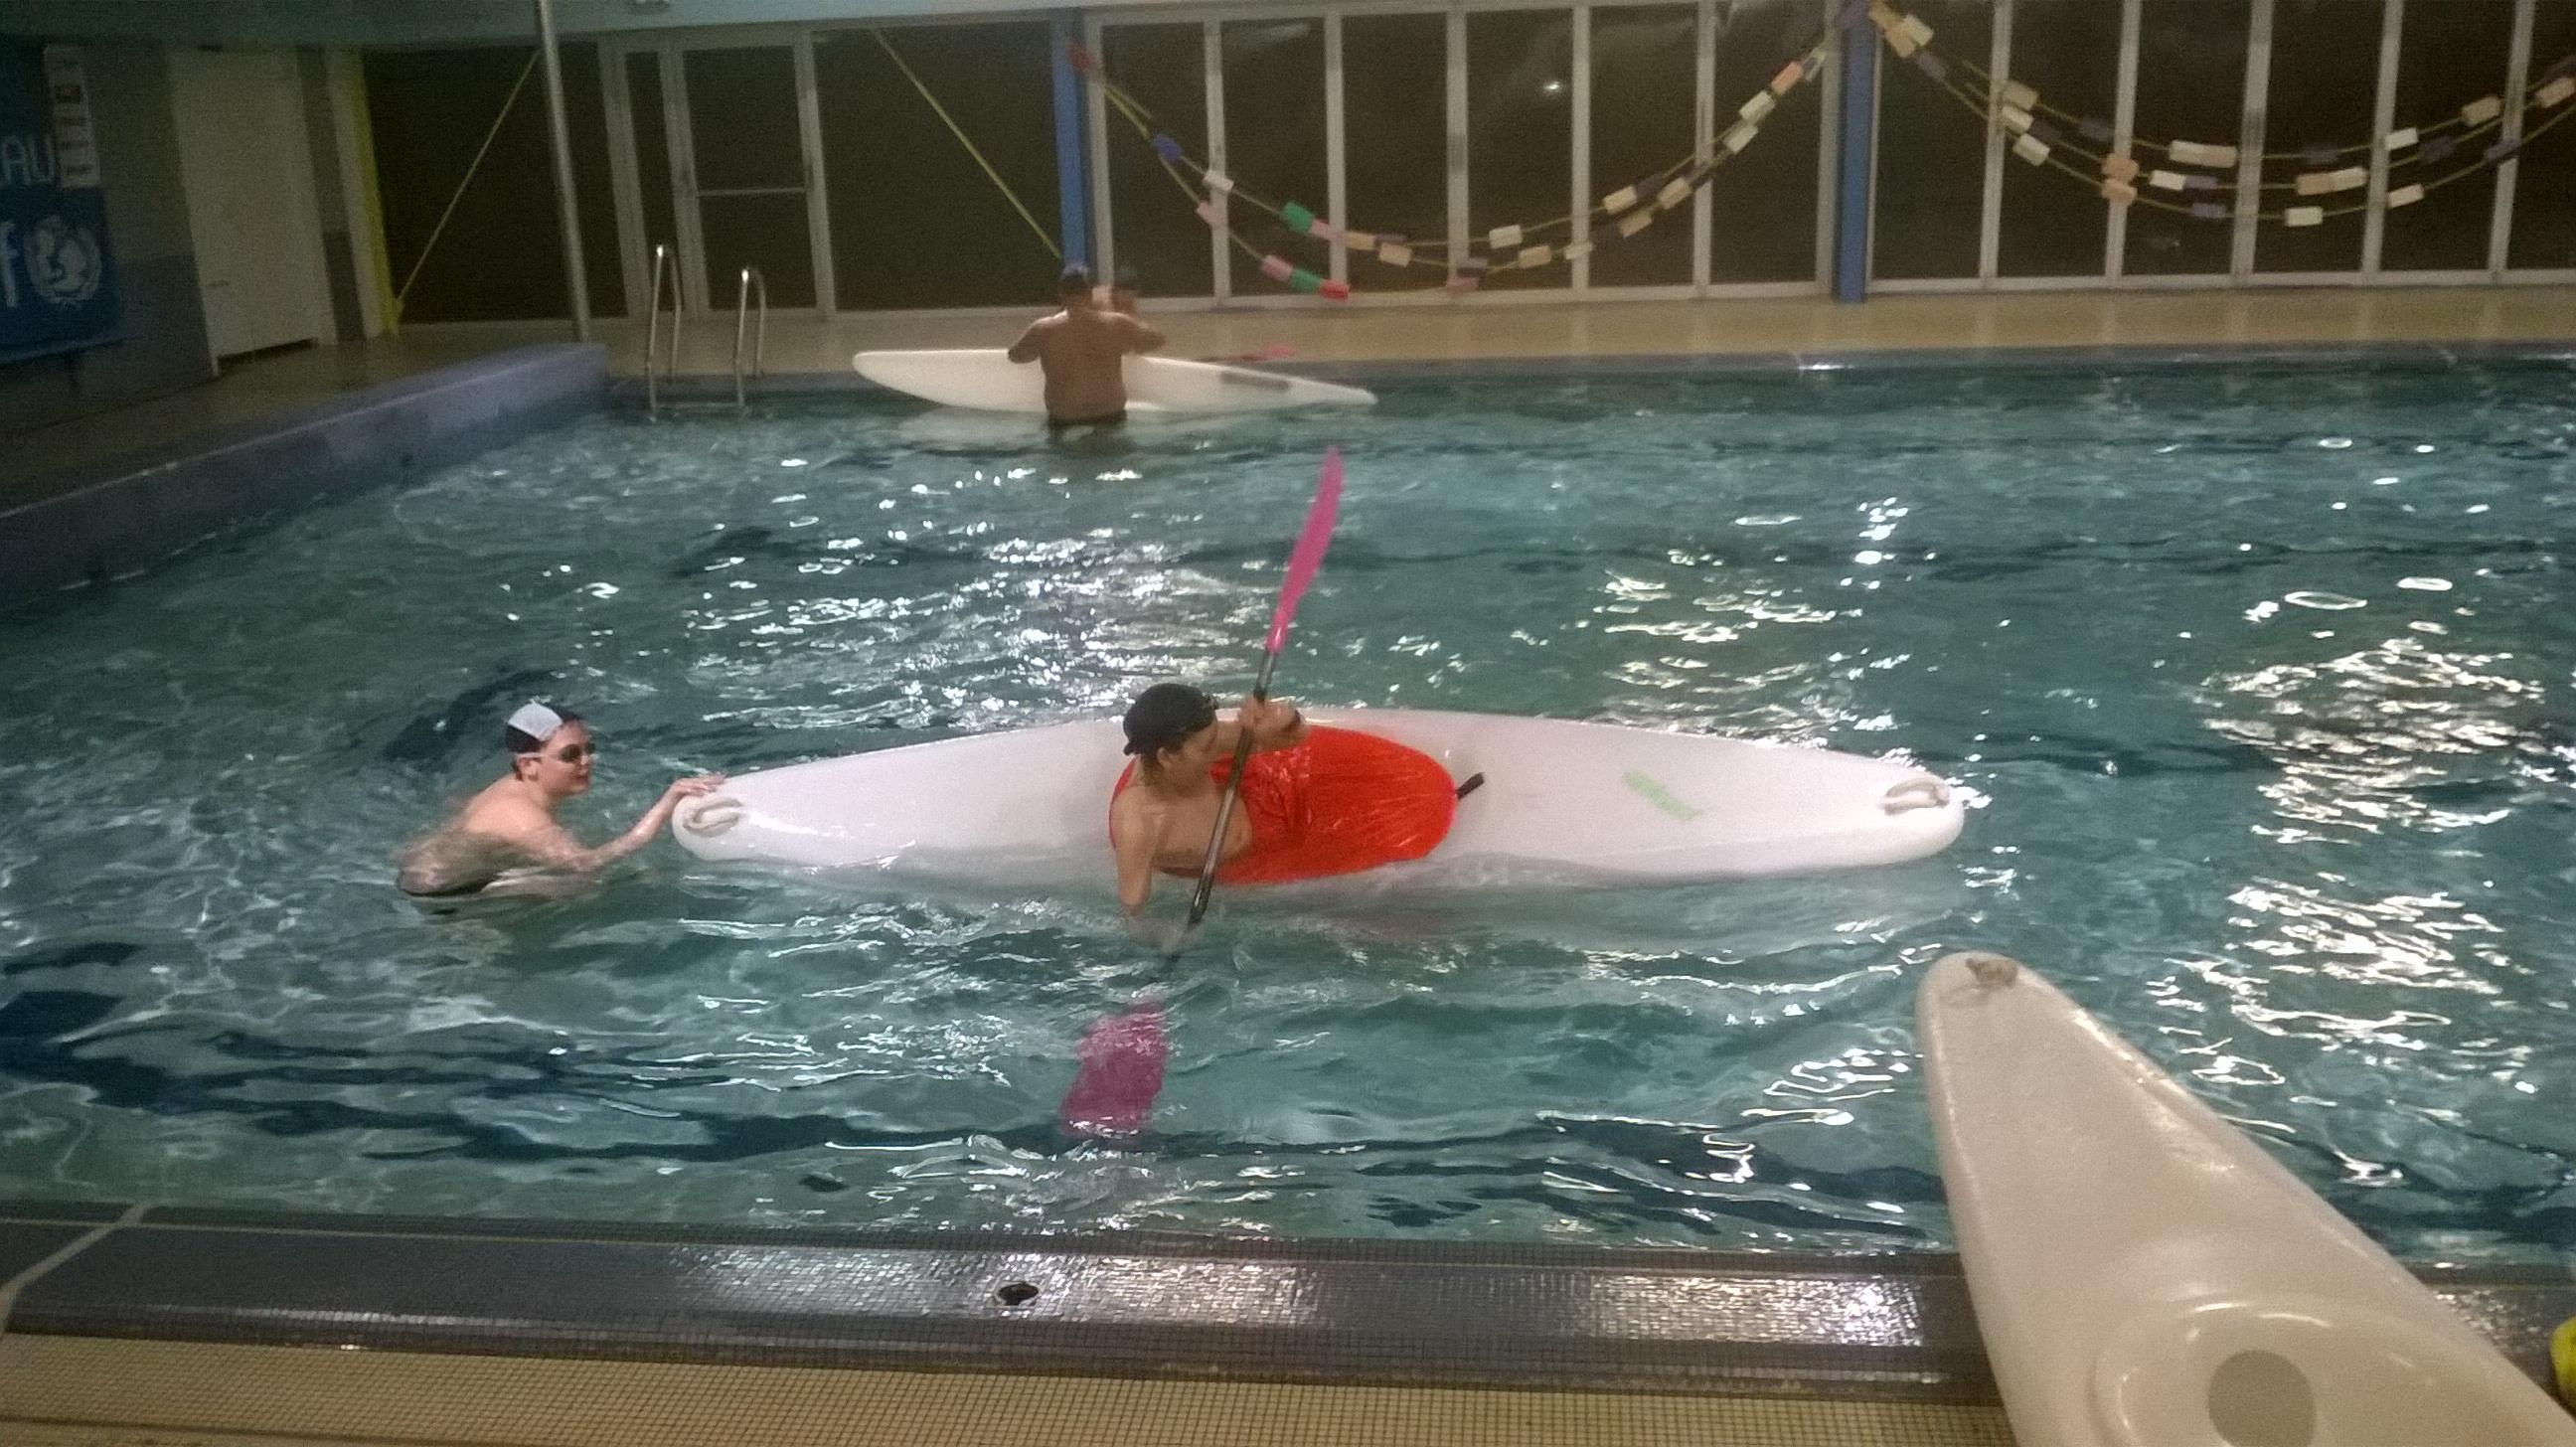 Activit s du club cano kayak de thouars for Piscine thouars